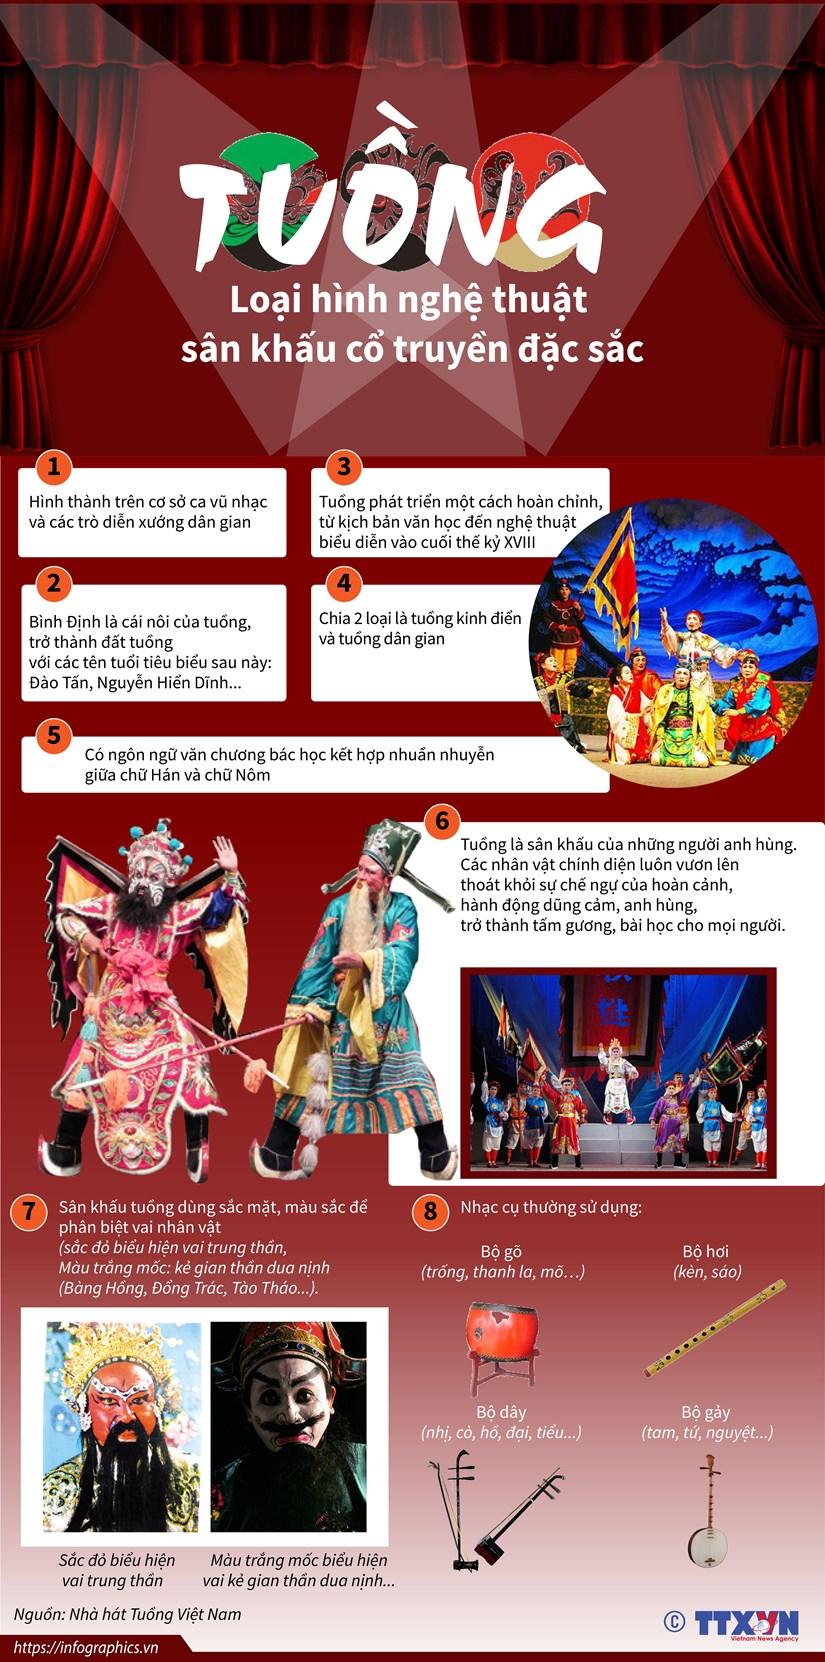 [Infographics] Tuồng - Loại hình nghệ thuật sân khấu cổ truyền đặc sắc